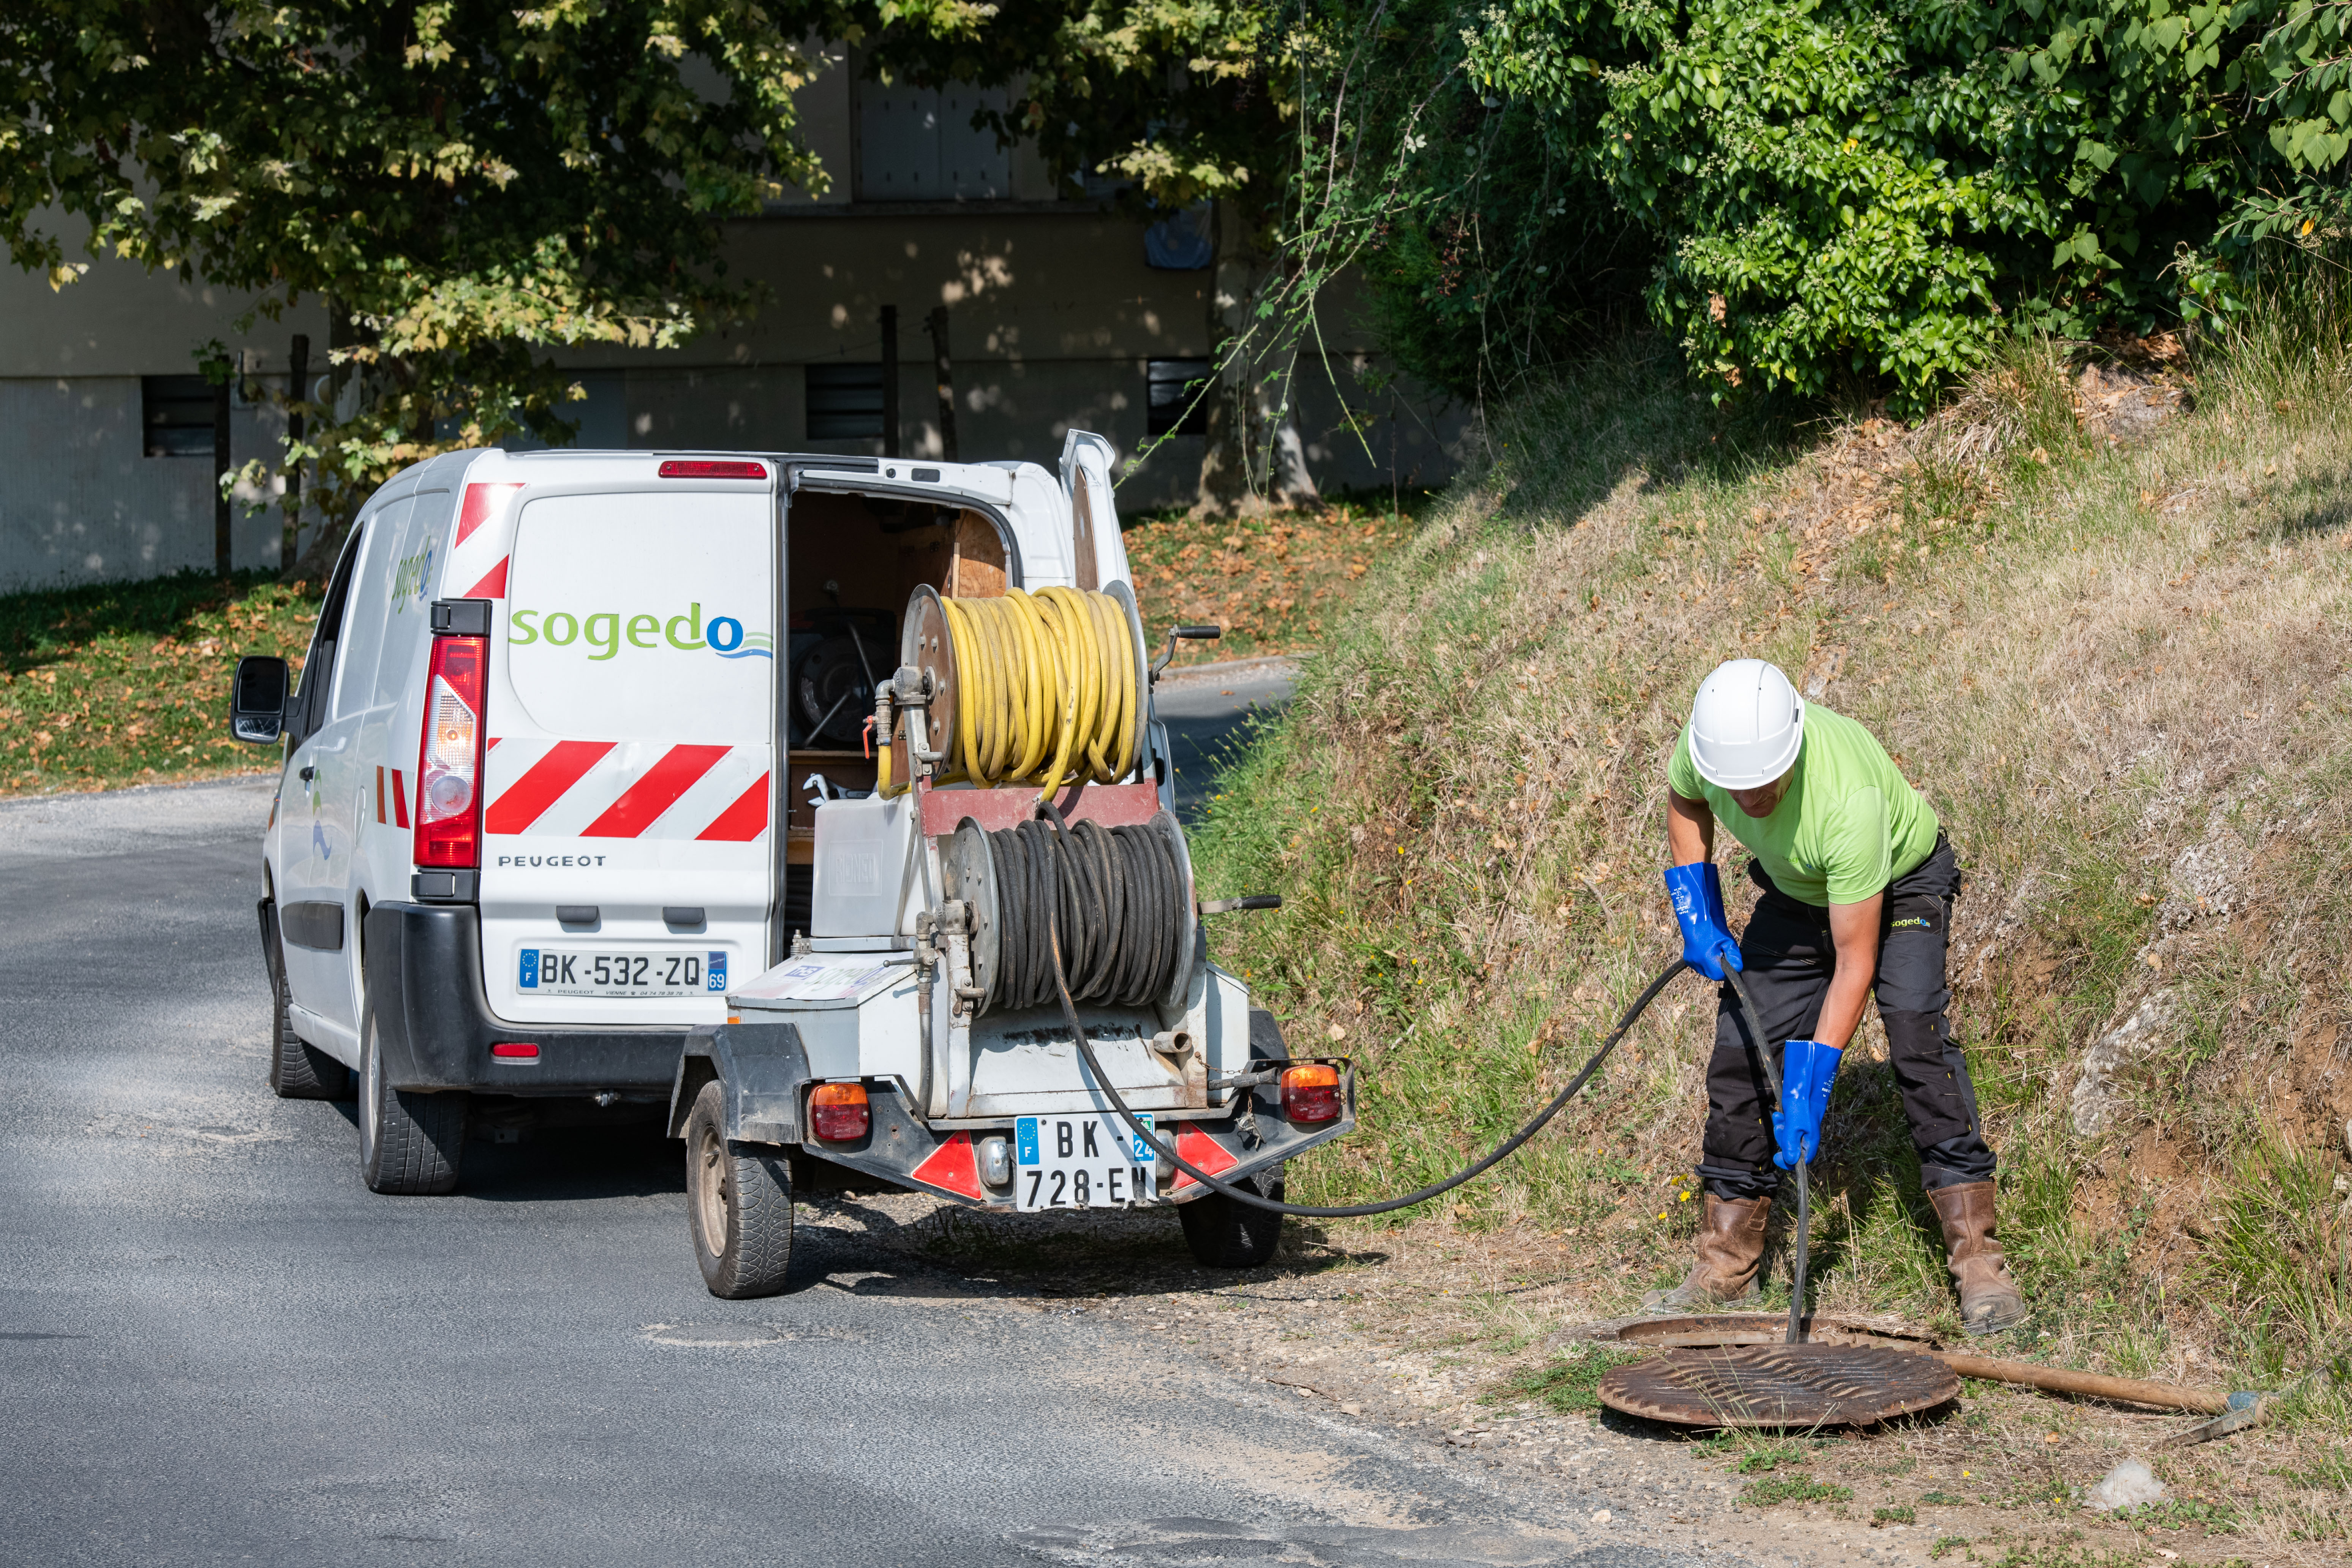 Sogedo : assurer la continuité des services